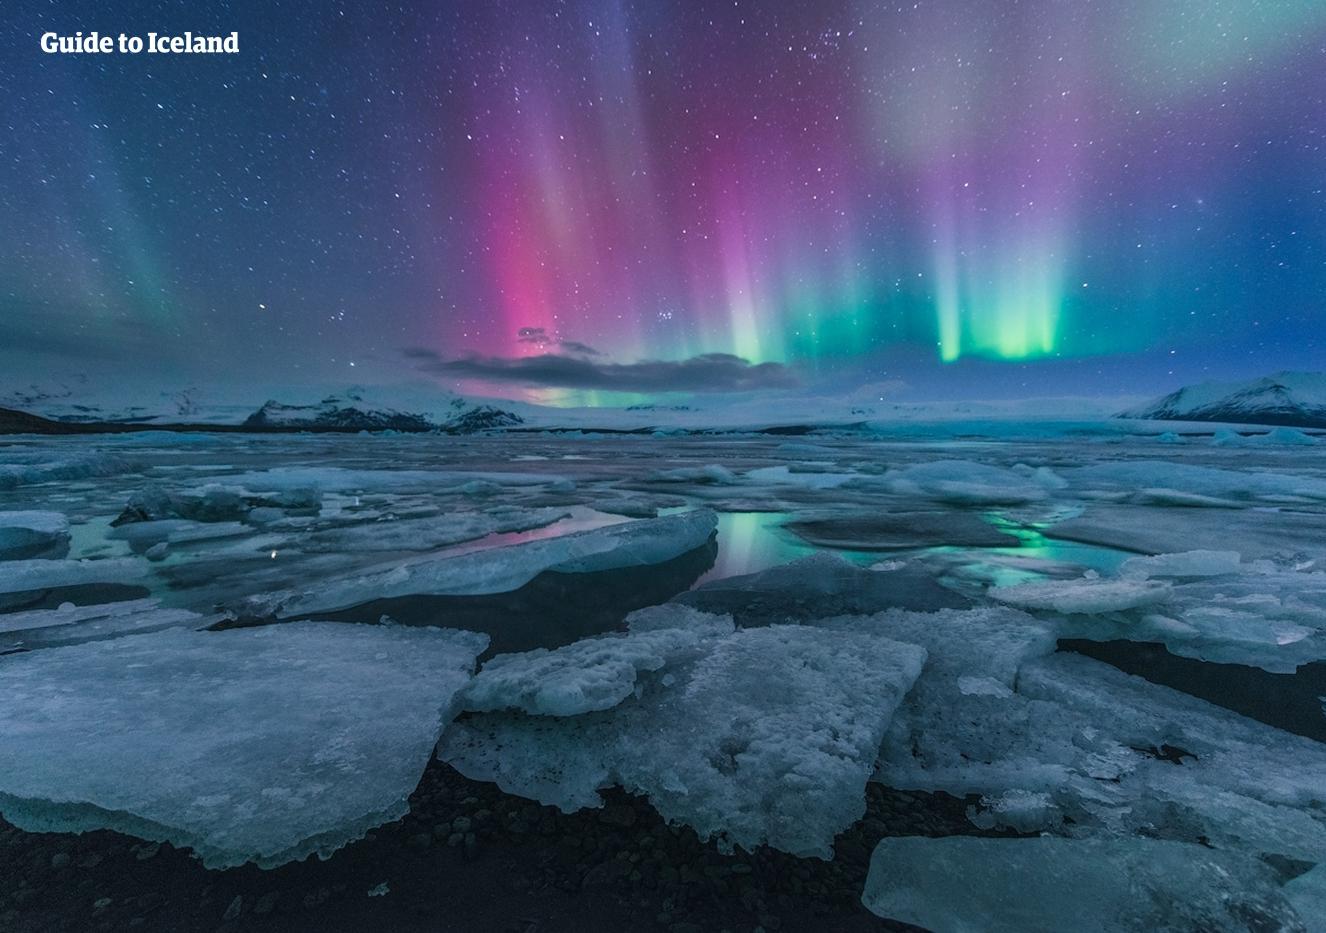 ヨークルスアゥルロゥン氷河湖の夜空に舞い踊るオーロラ